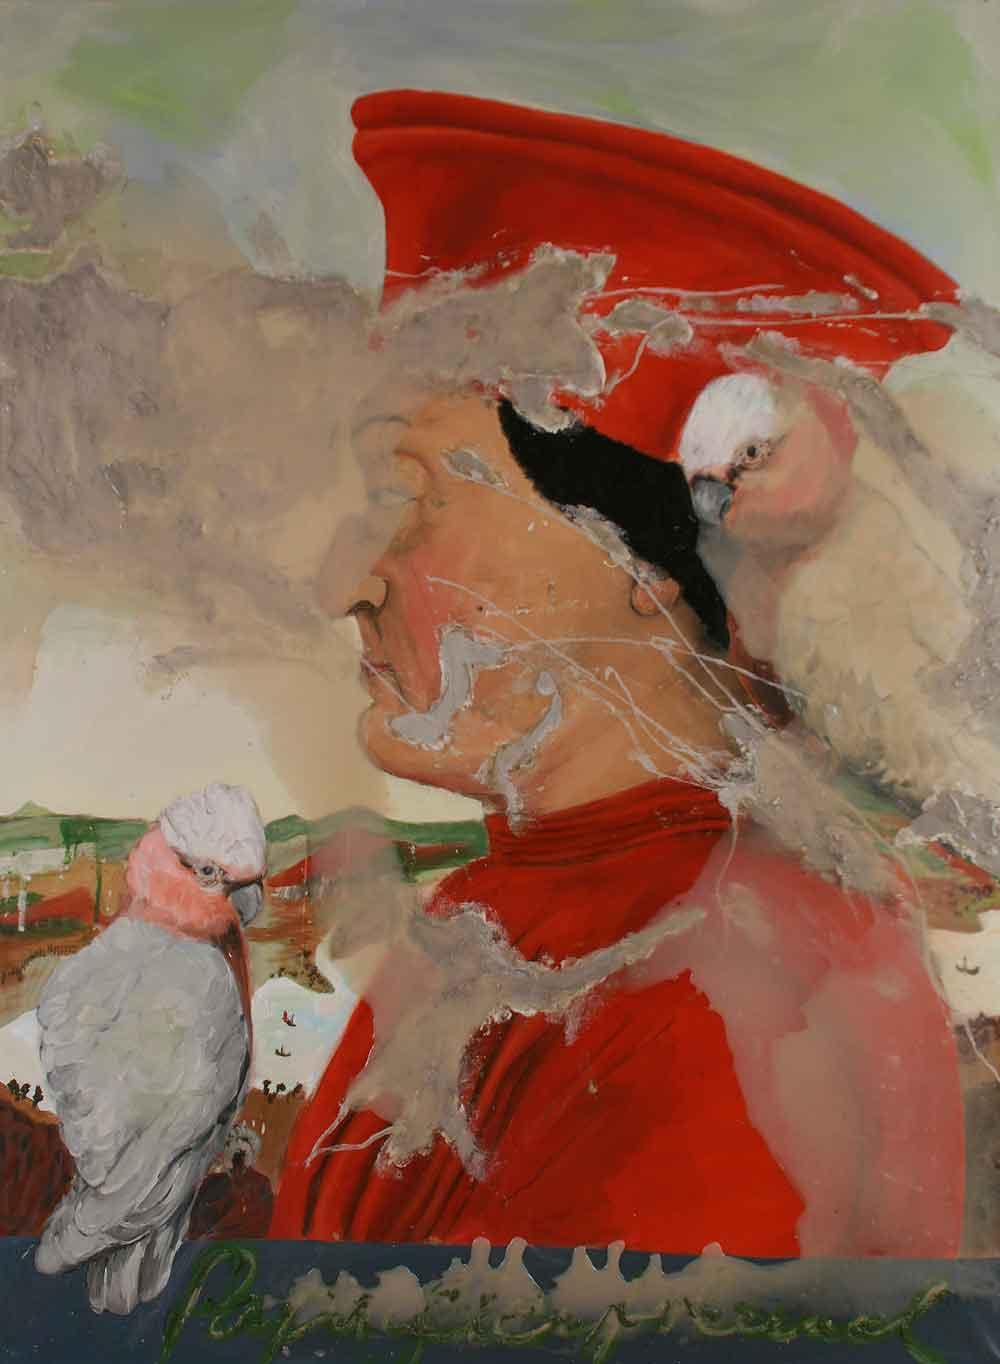 """Jutta Nase: """"Papageienfreund"""", 2010, Öl/Mischtechnik auf Leinwand, 150 x 110 cm"""